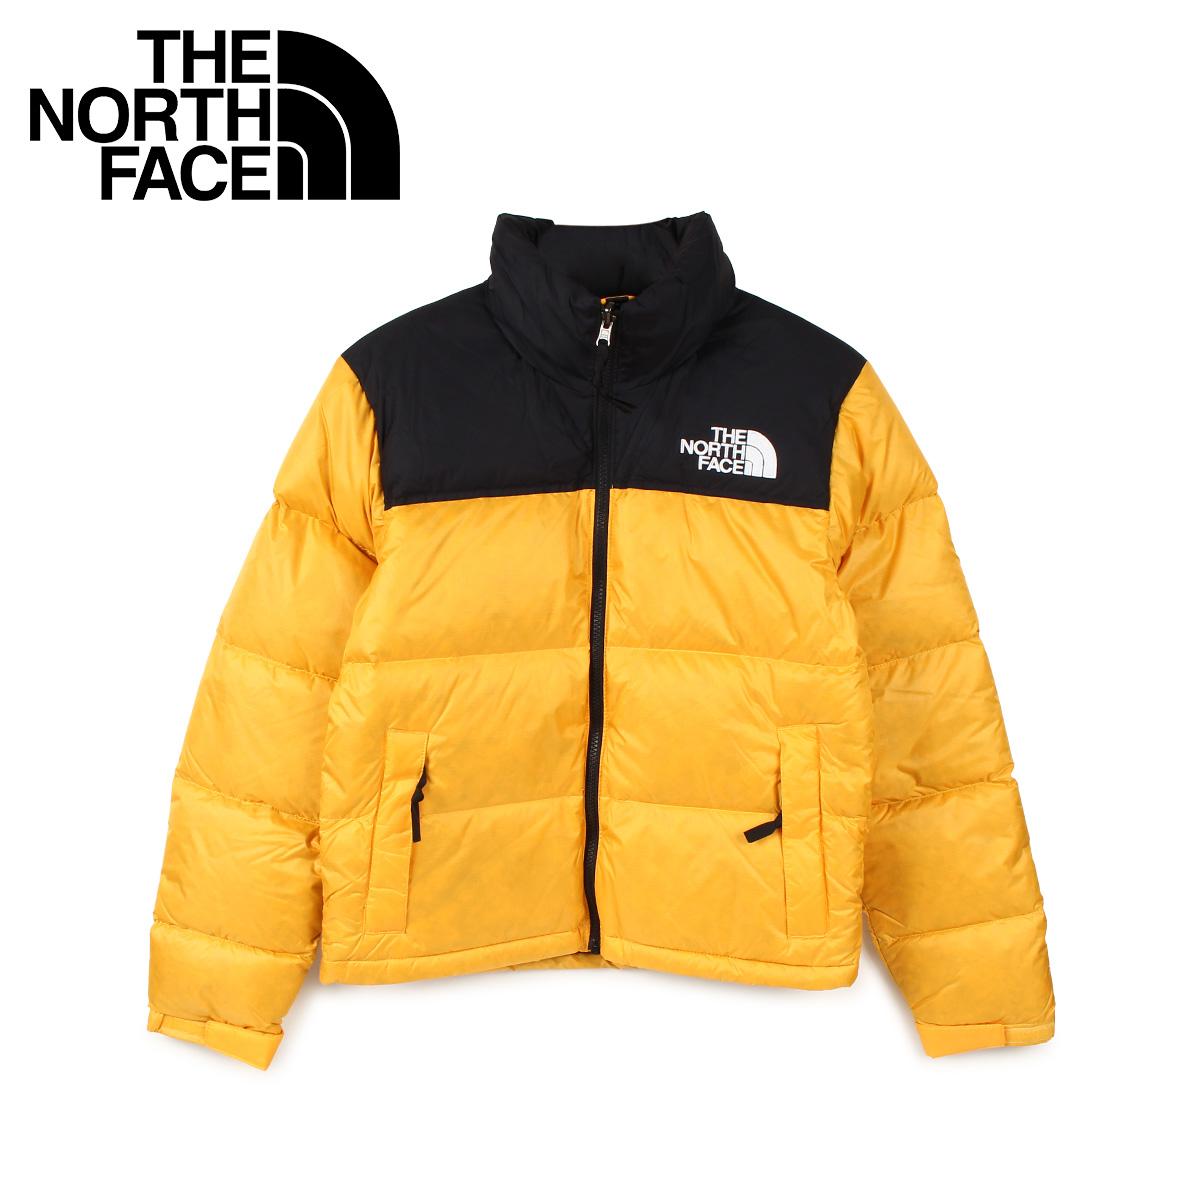 THE NORTH FACE WOMENS 1996 RETRO NUPTSE JACKET ノースフェイス 1996 ジャケット ダウンジャケット レトロ ヌプシ レディース イエロー NF0A3XEO